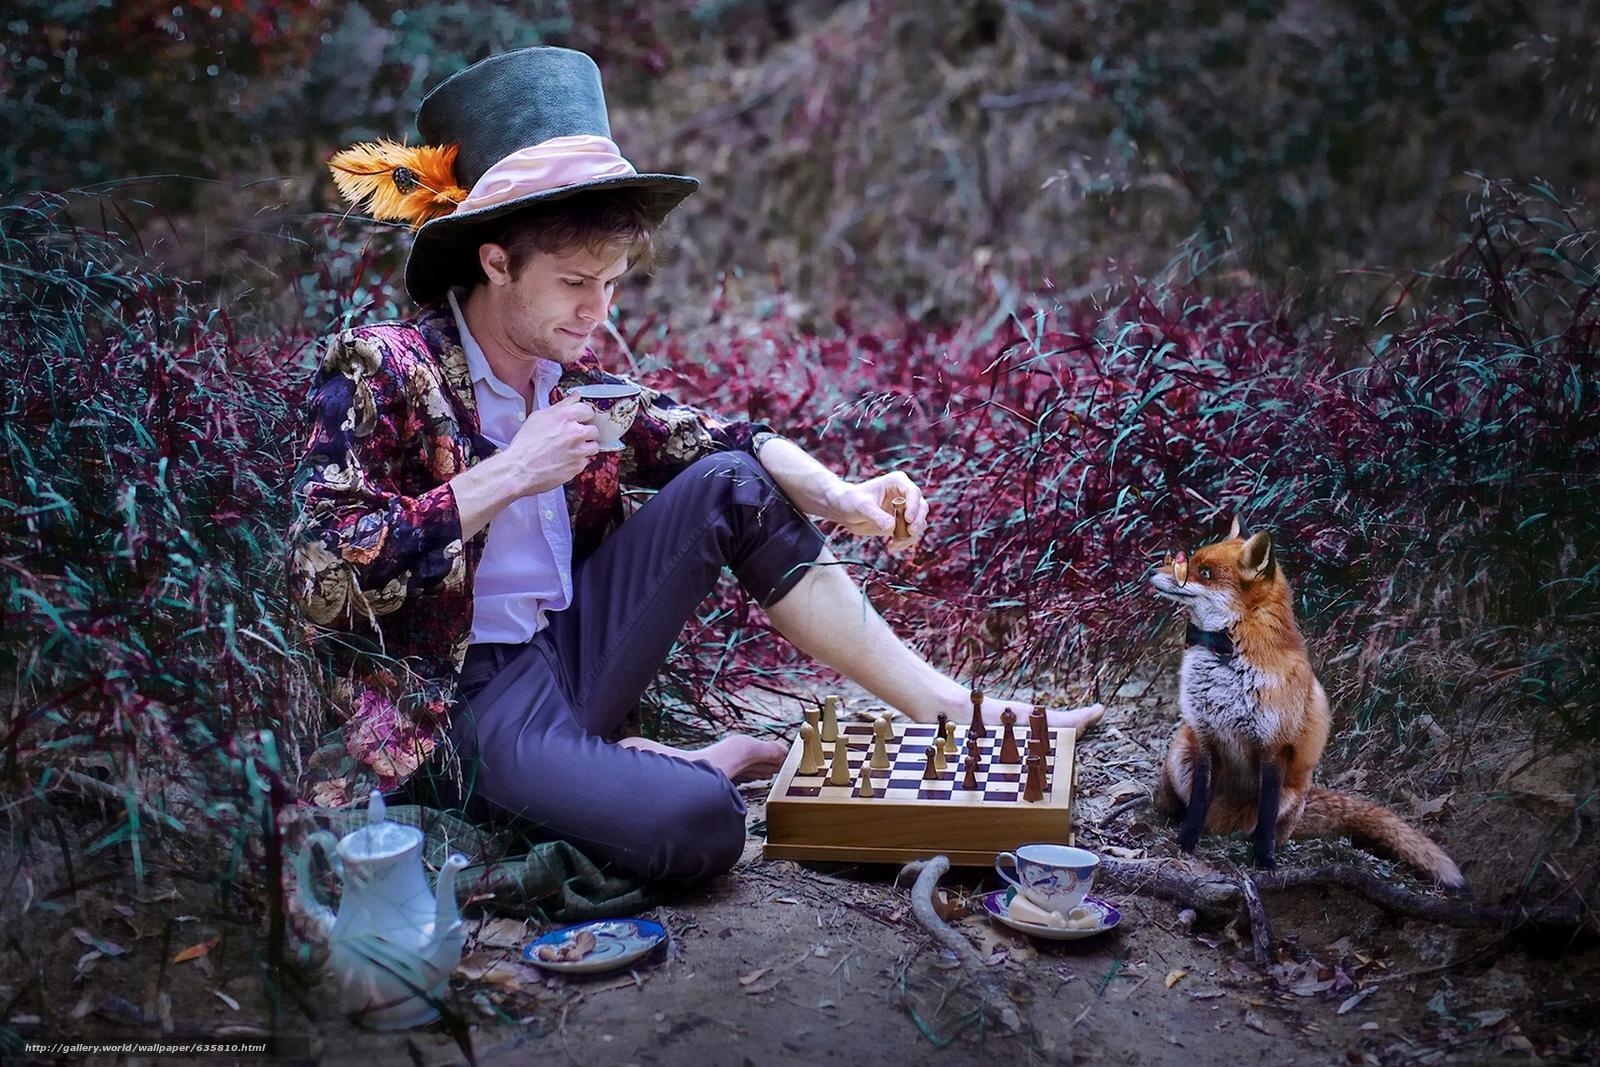 Скачать обои парень,  лиса,  чаепитие,  шахматы бесплатно для рабочего стола в разрешении 1920x1280 — картинка №635810